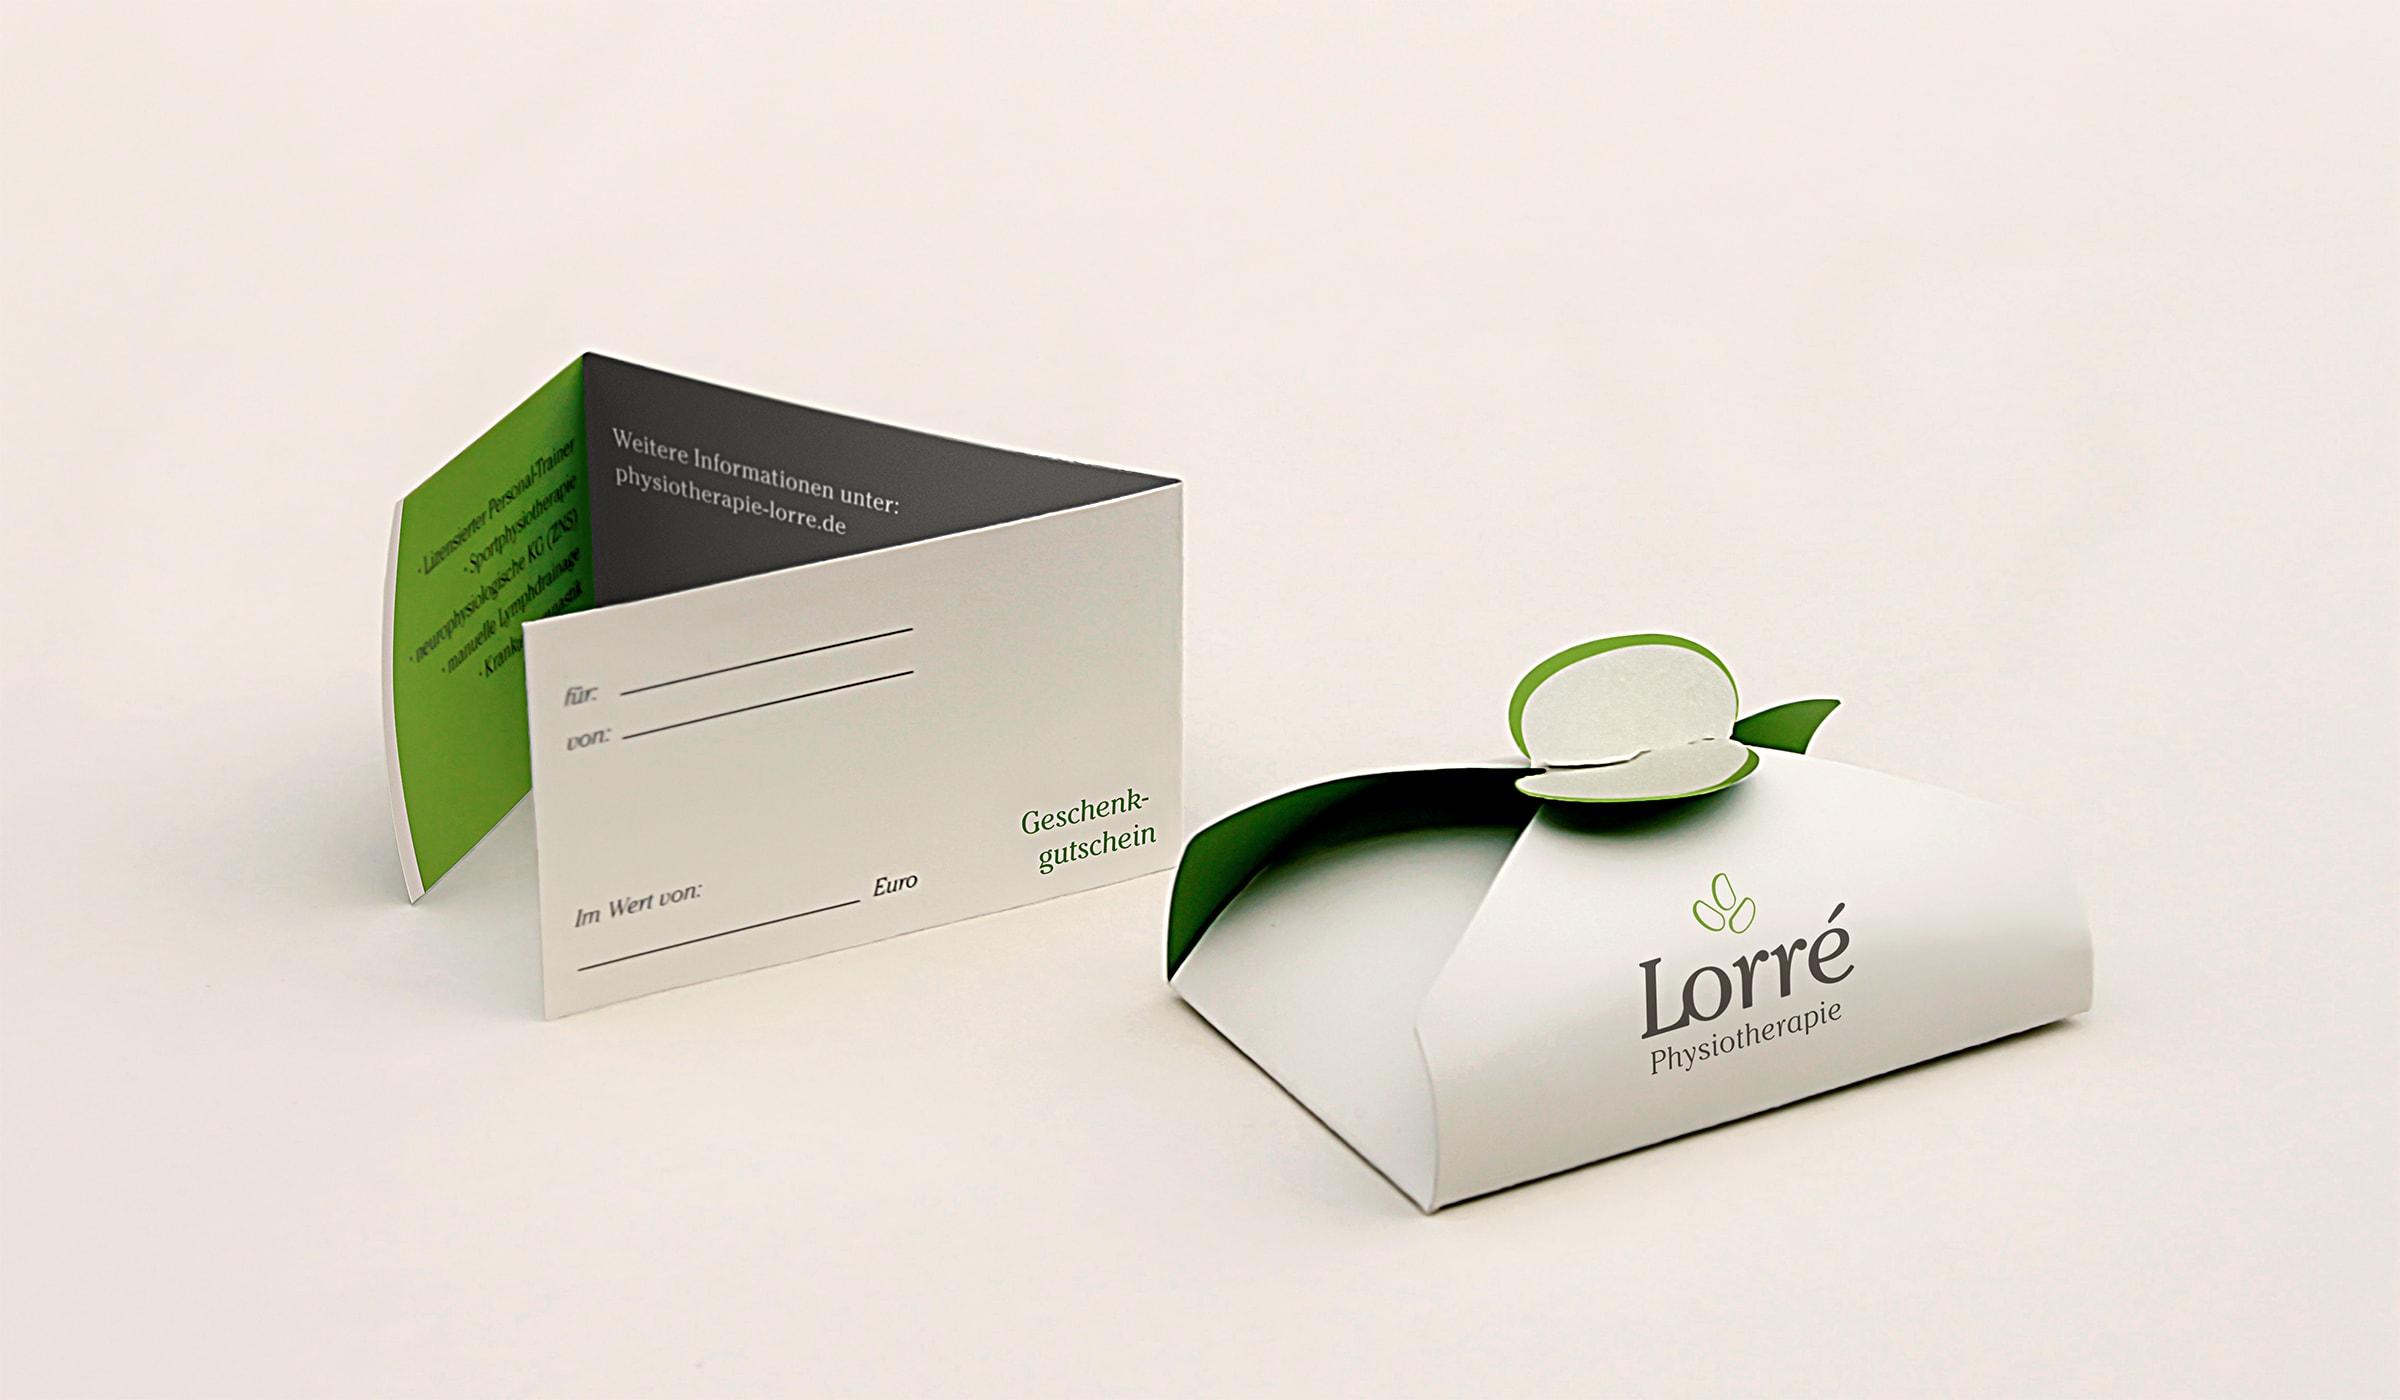 Konzeptarbeit ~ Logodesign // Logodesign für die Physiotherapie Praxis Lorré in Trier // Logogalerie